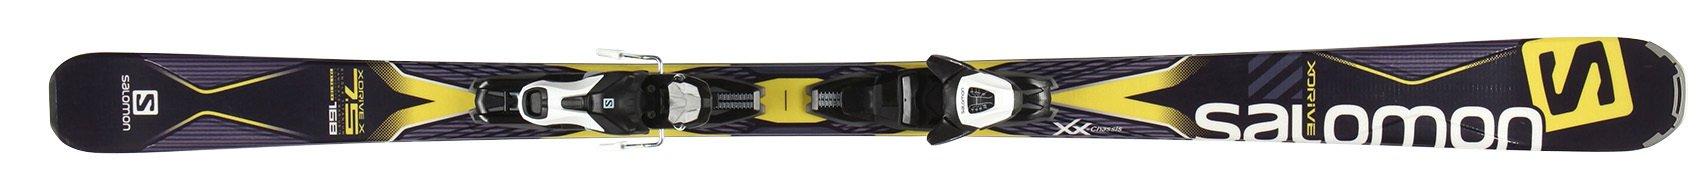 SALOMON E X-DRIVE X7.5 + E LITHIUM1